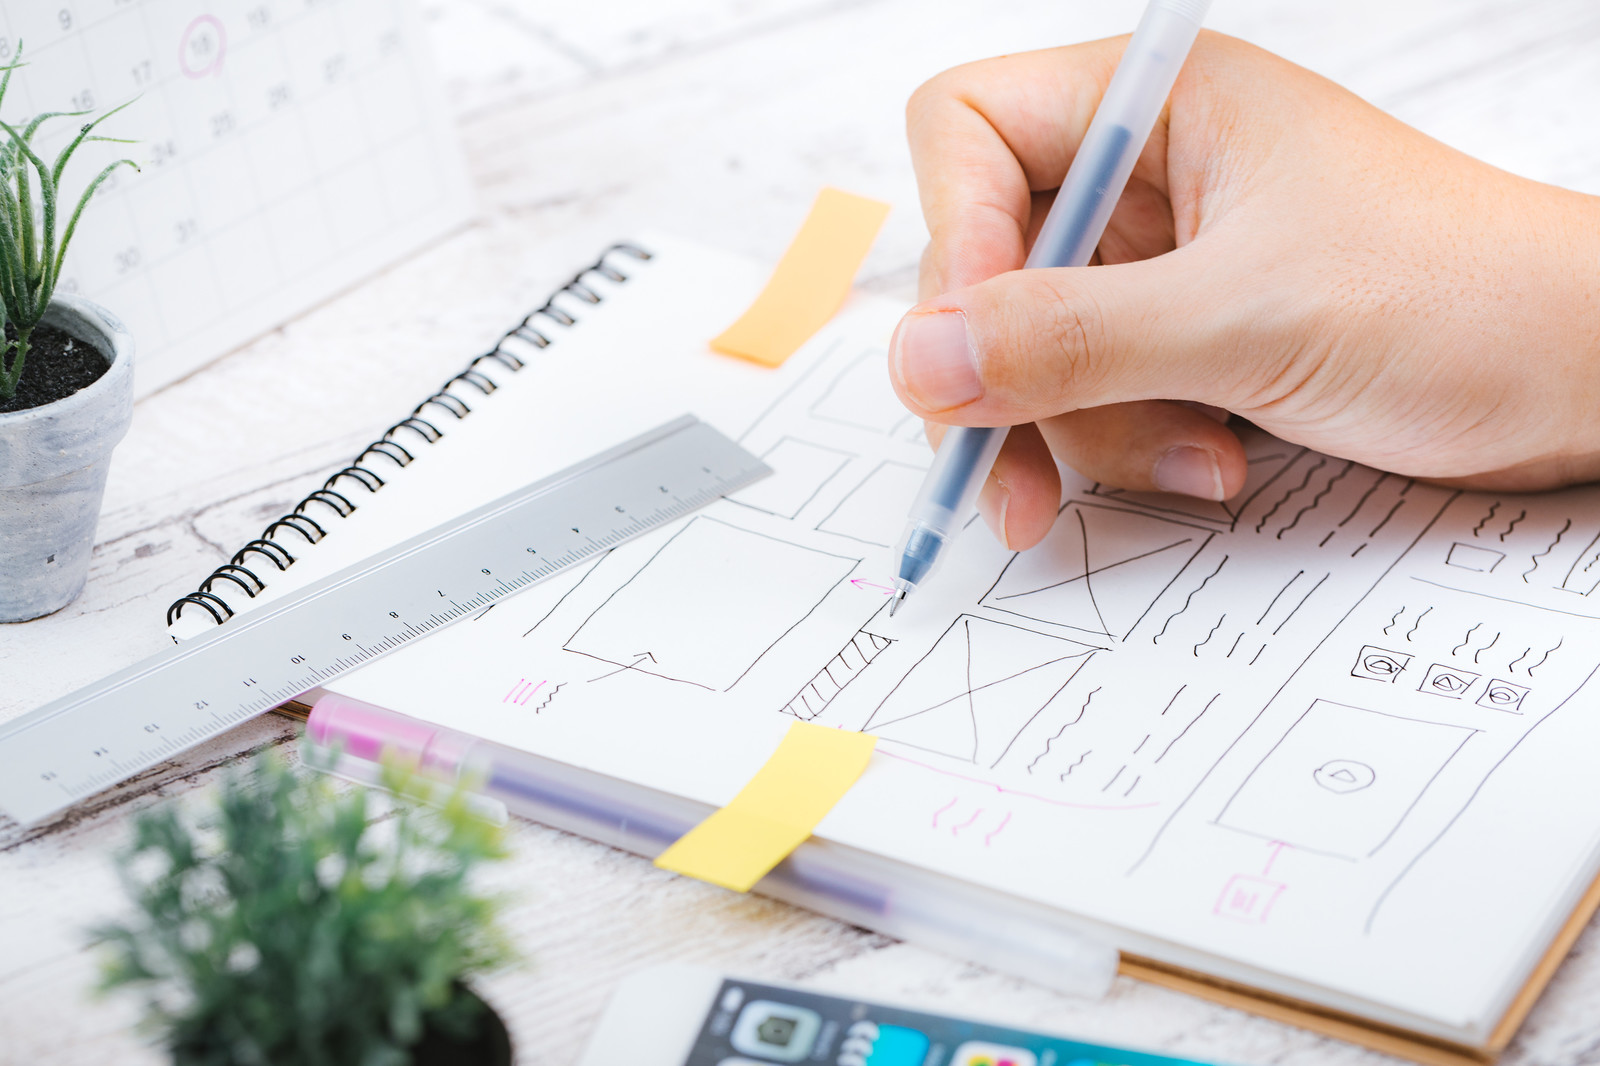 会社の価値を高める! 事業計画書のつくり方